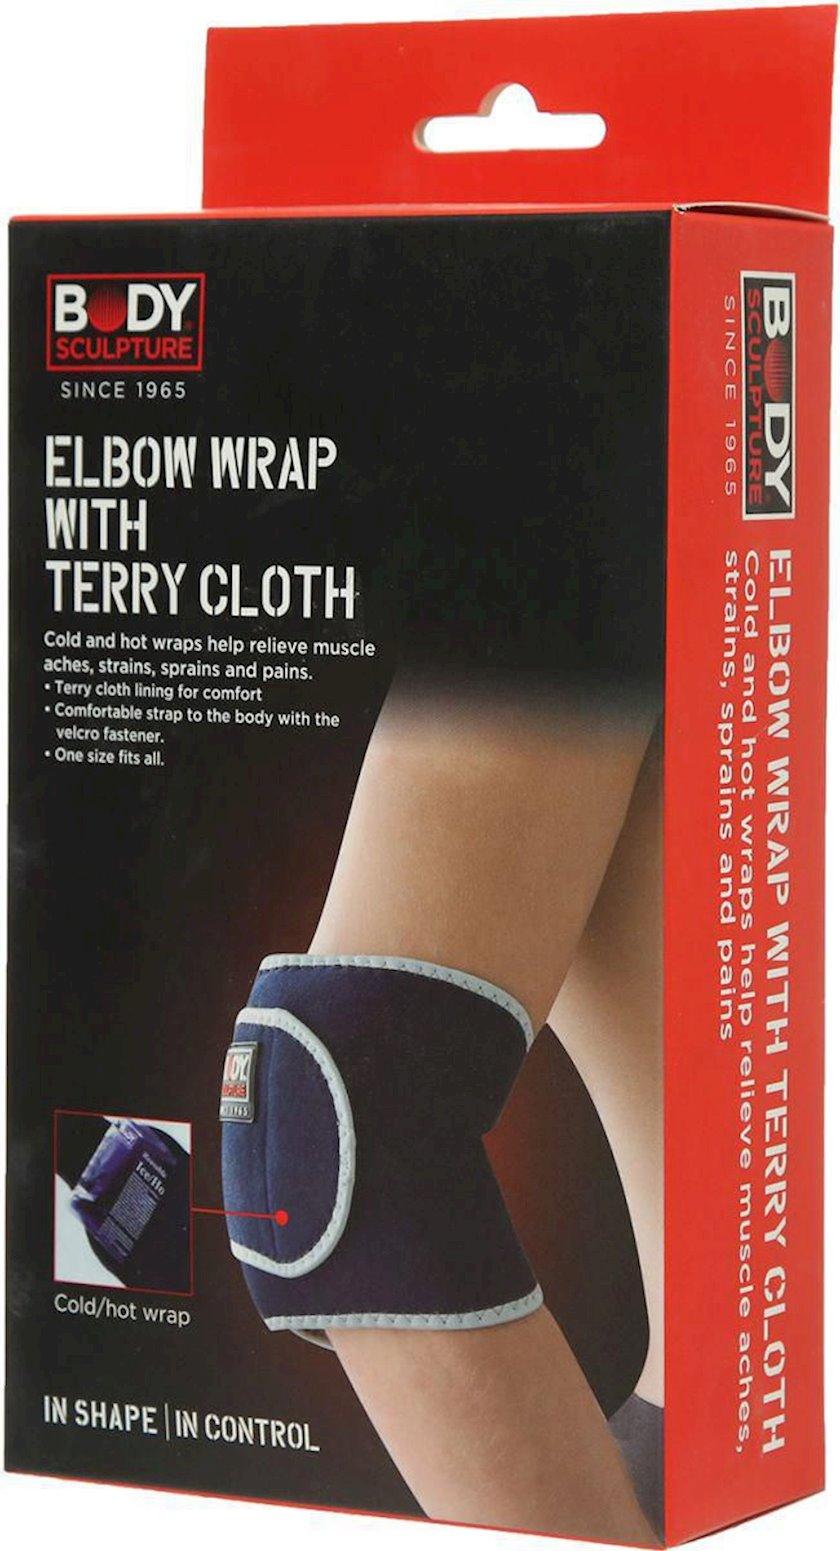 Dirsək dəstəyi Body Sculpture Elbow Wrap With Terry Cloth P24, Ölçü universal